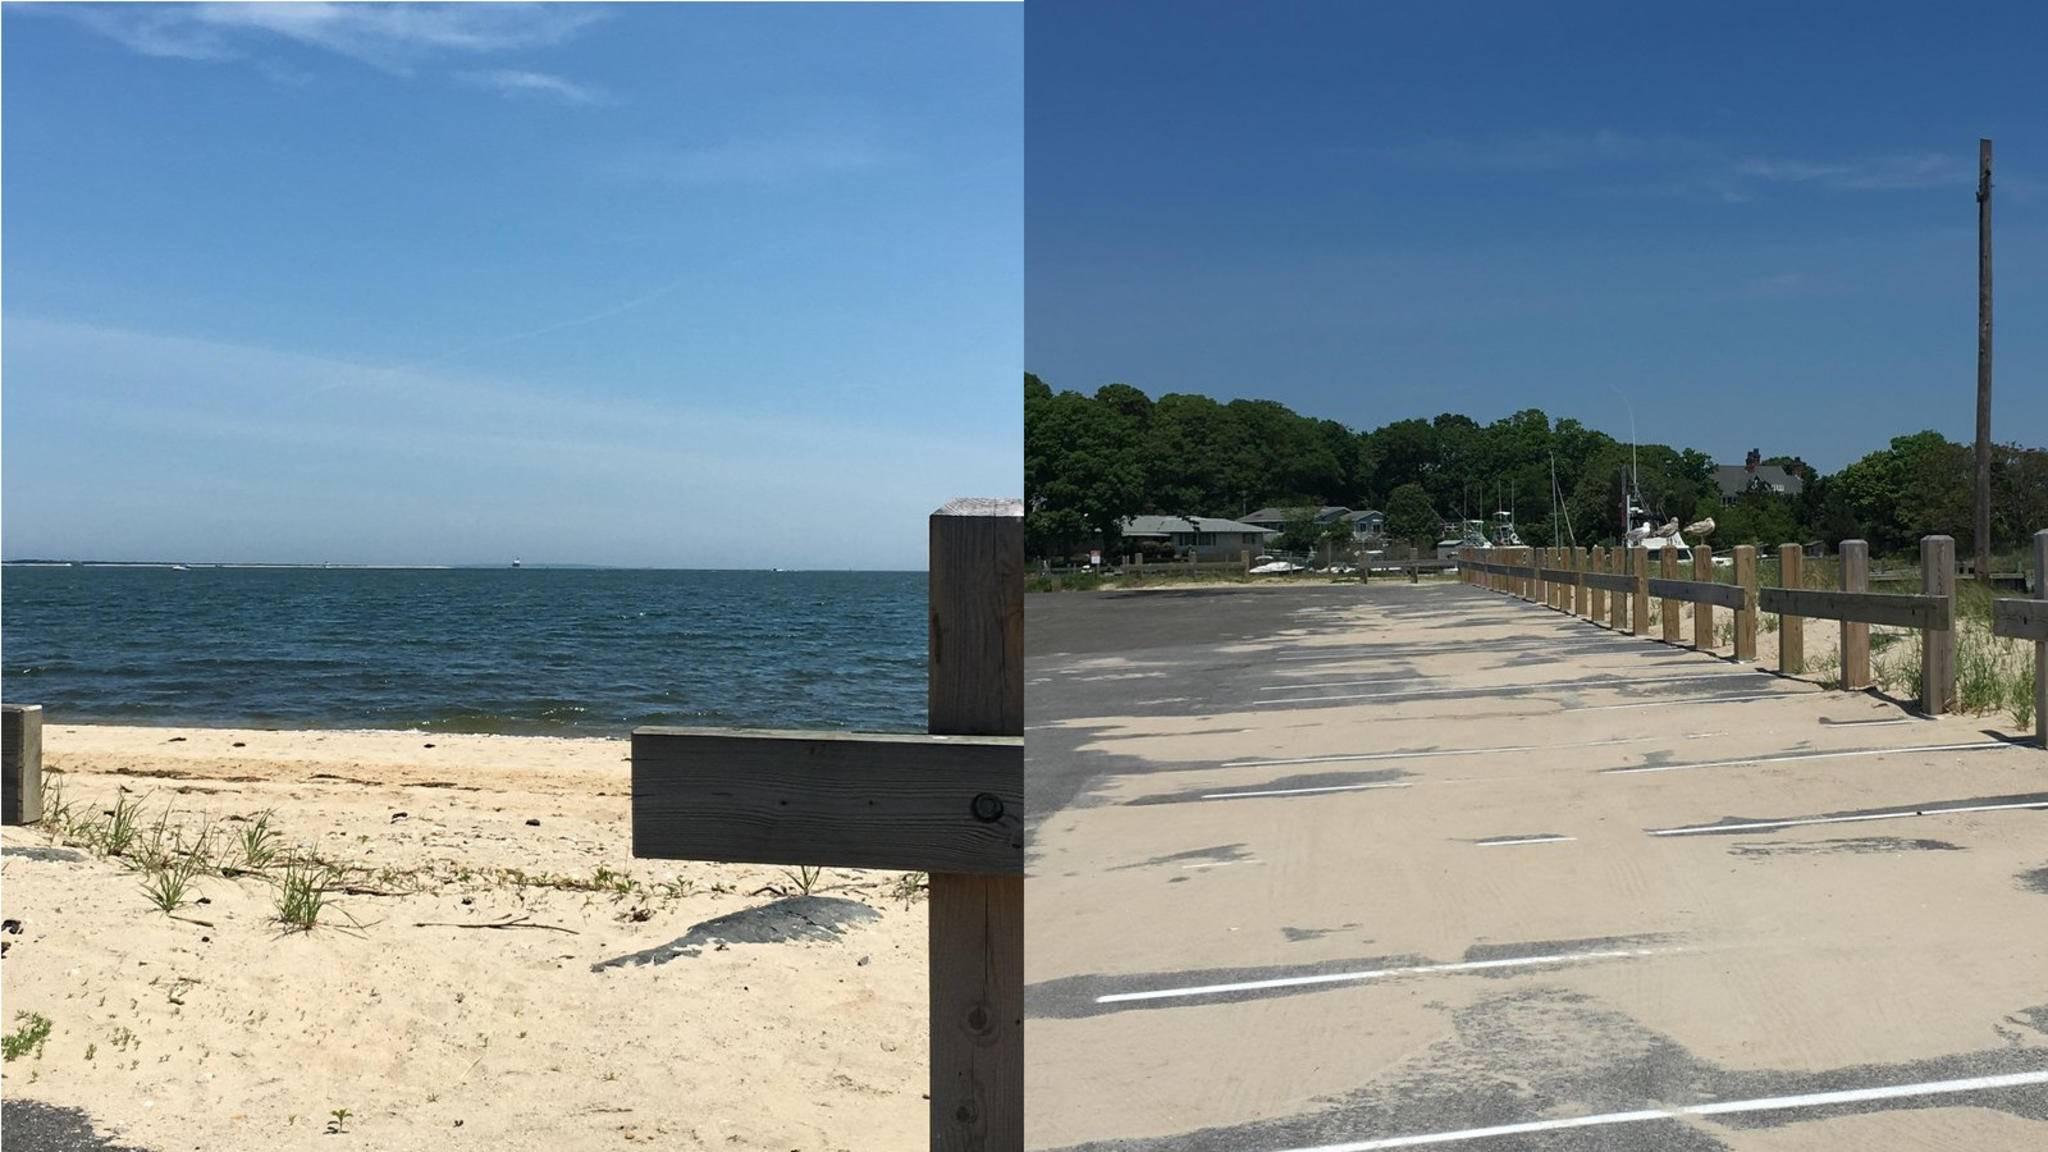 Suchbild: Links versteckt sich das Schiff am Horizont, rechts sitzen Möwen auf dem Zaun.